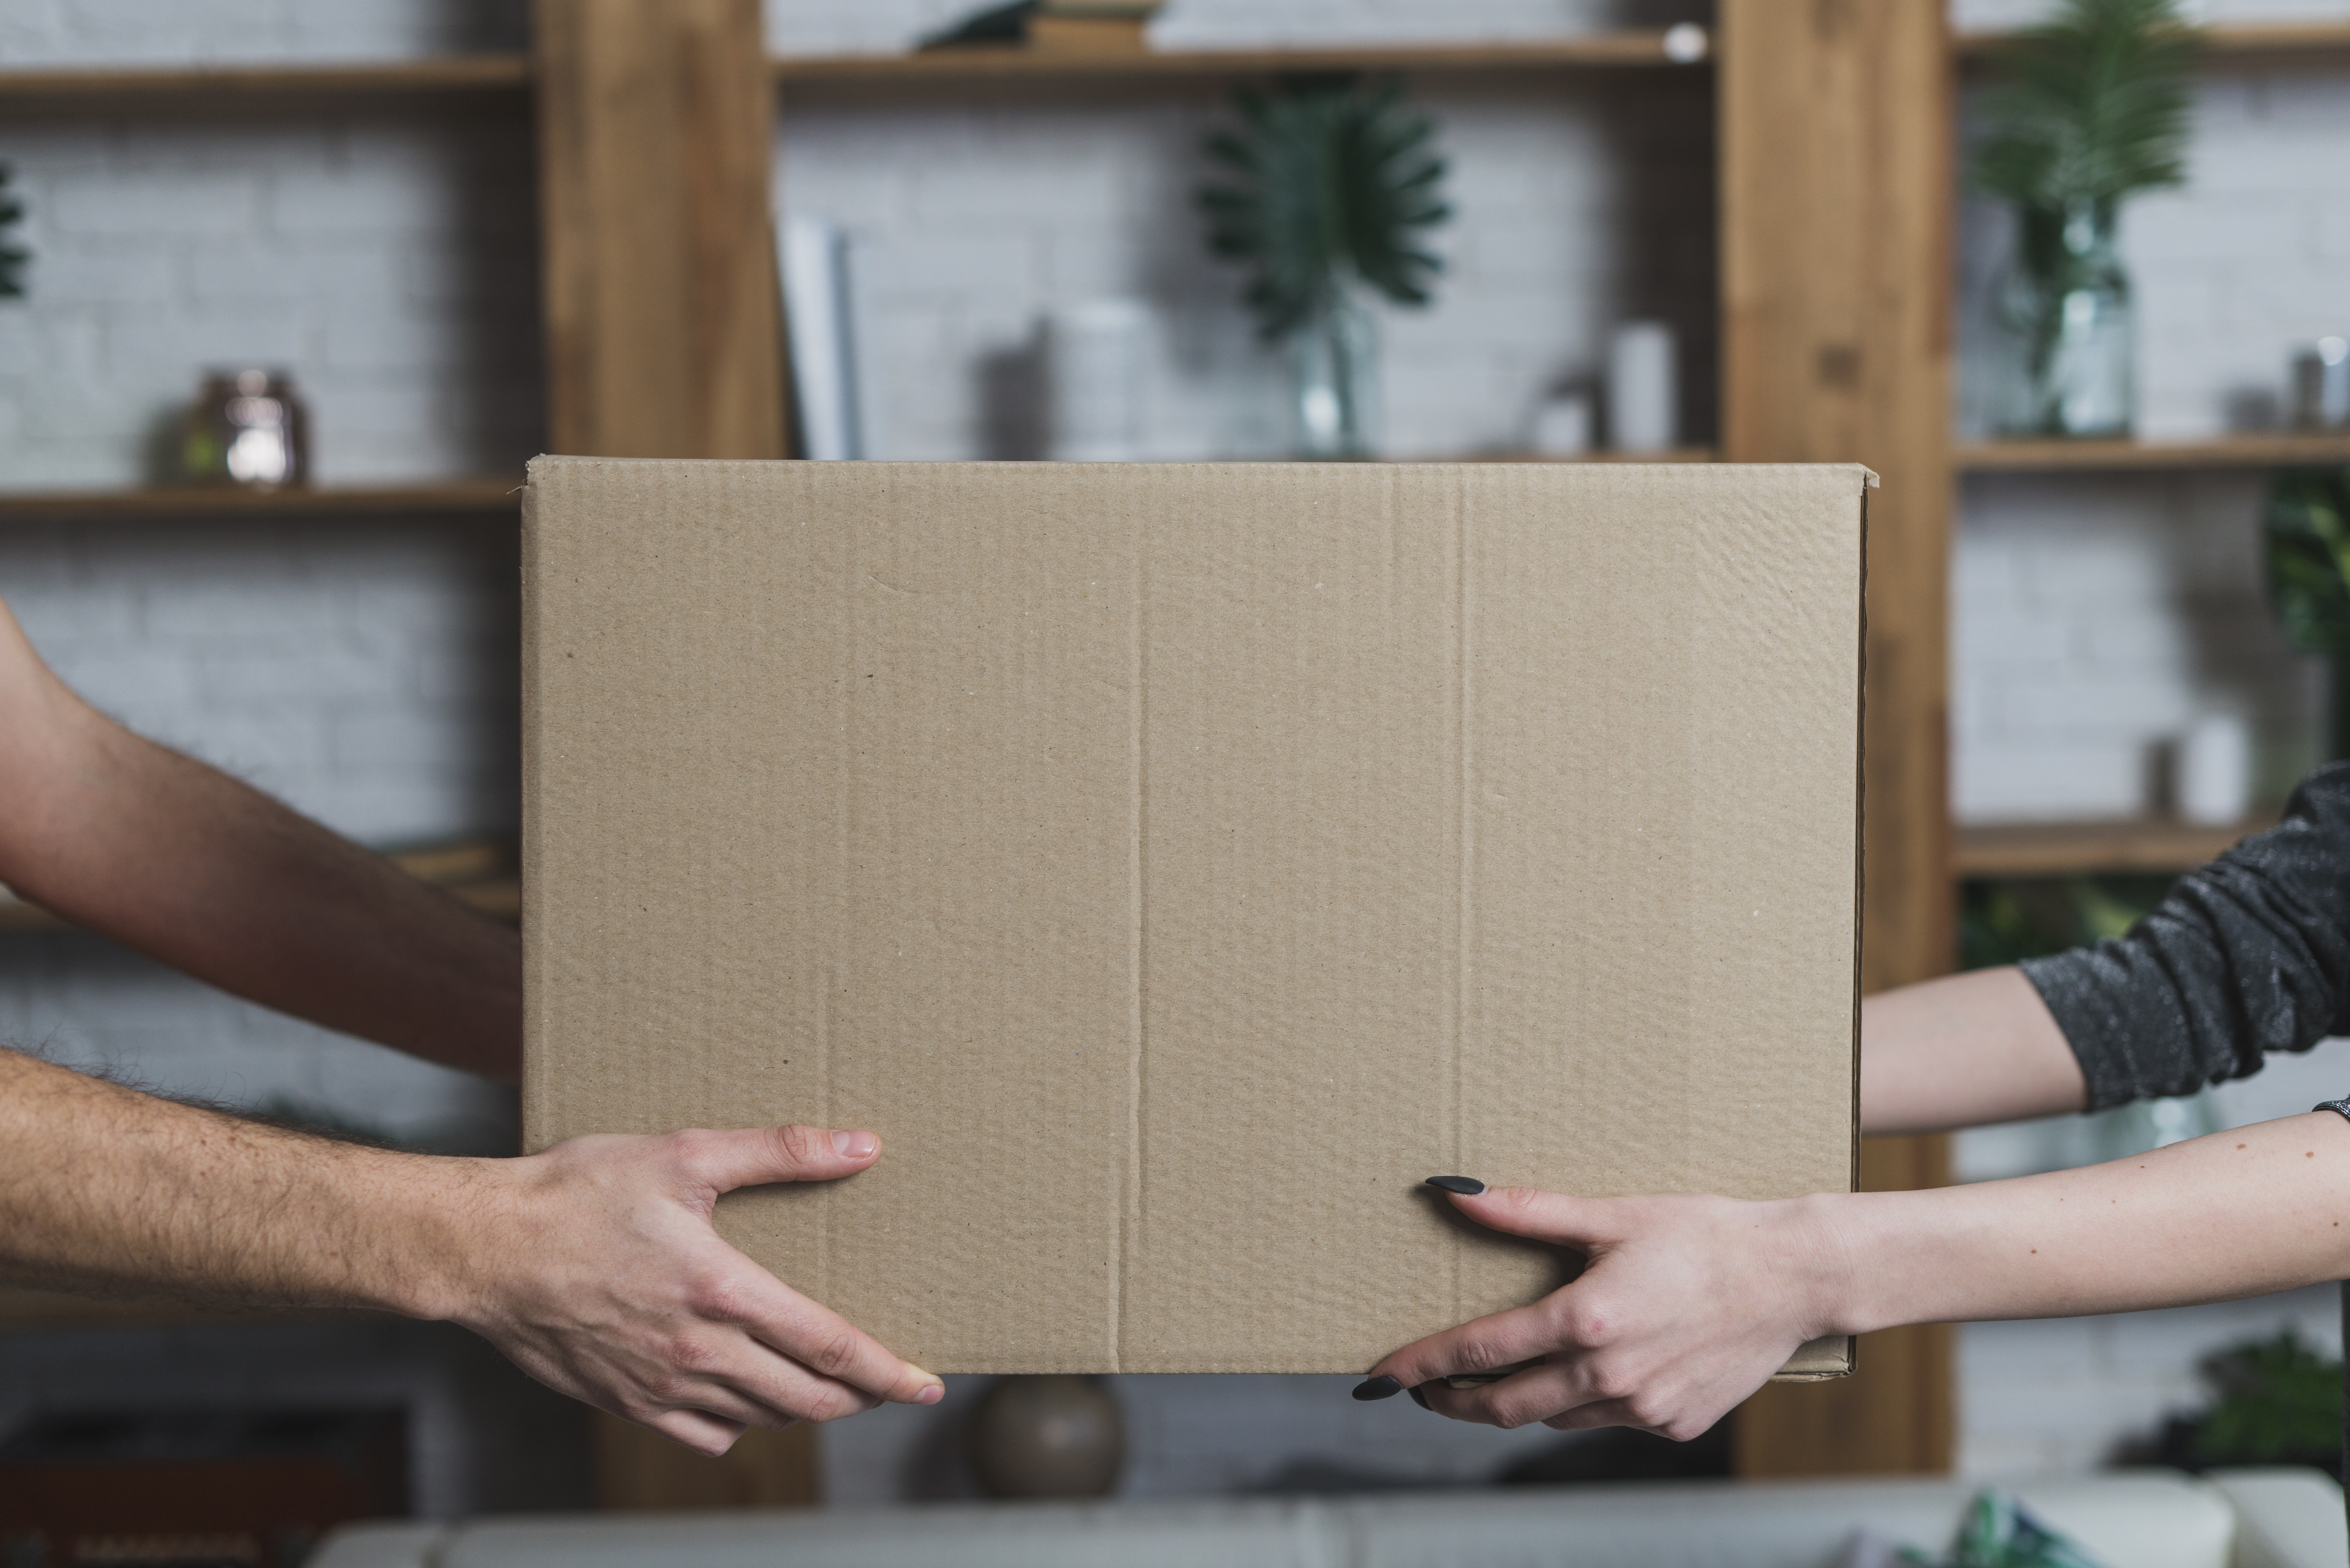 Терпеть нельзя помиловать: 5 вещей, которые безумно раздражают мужчин